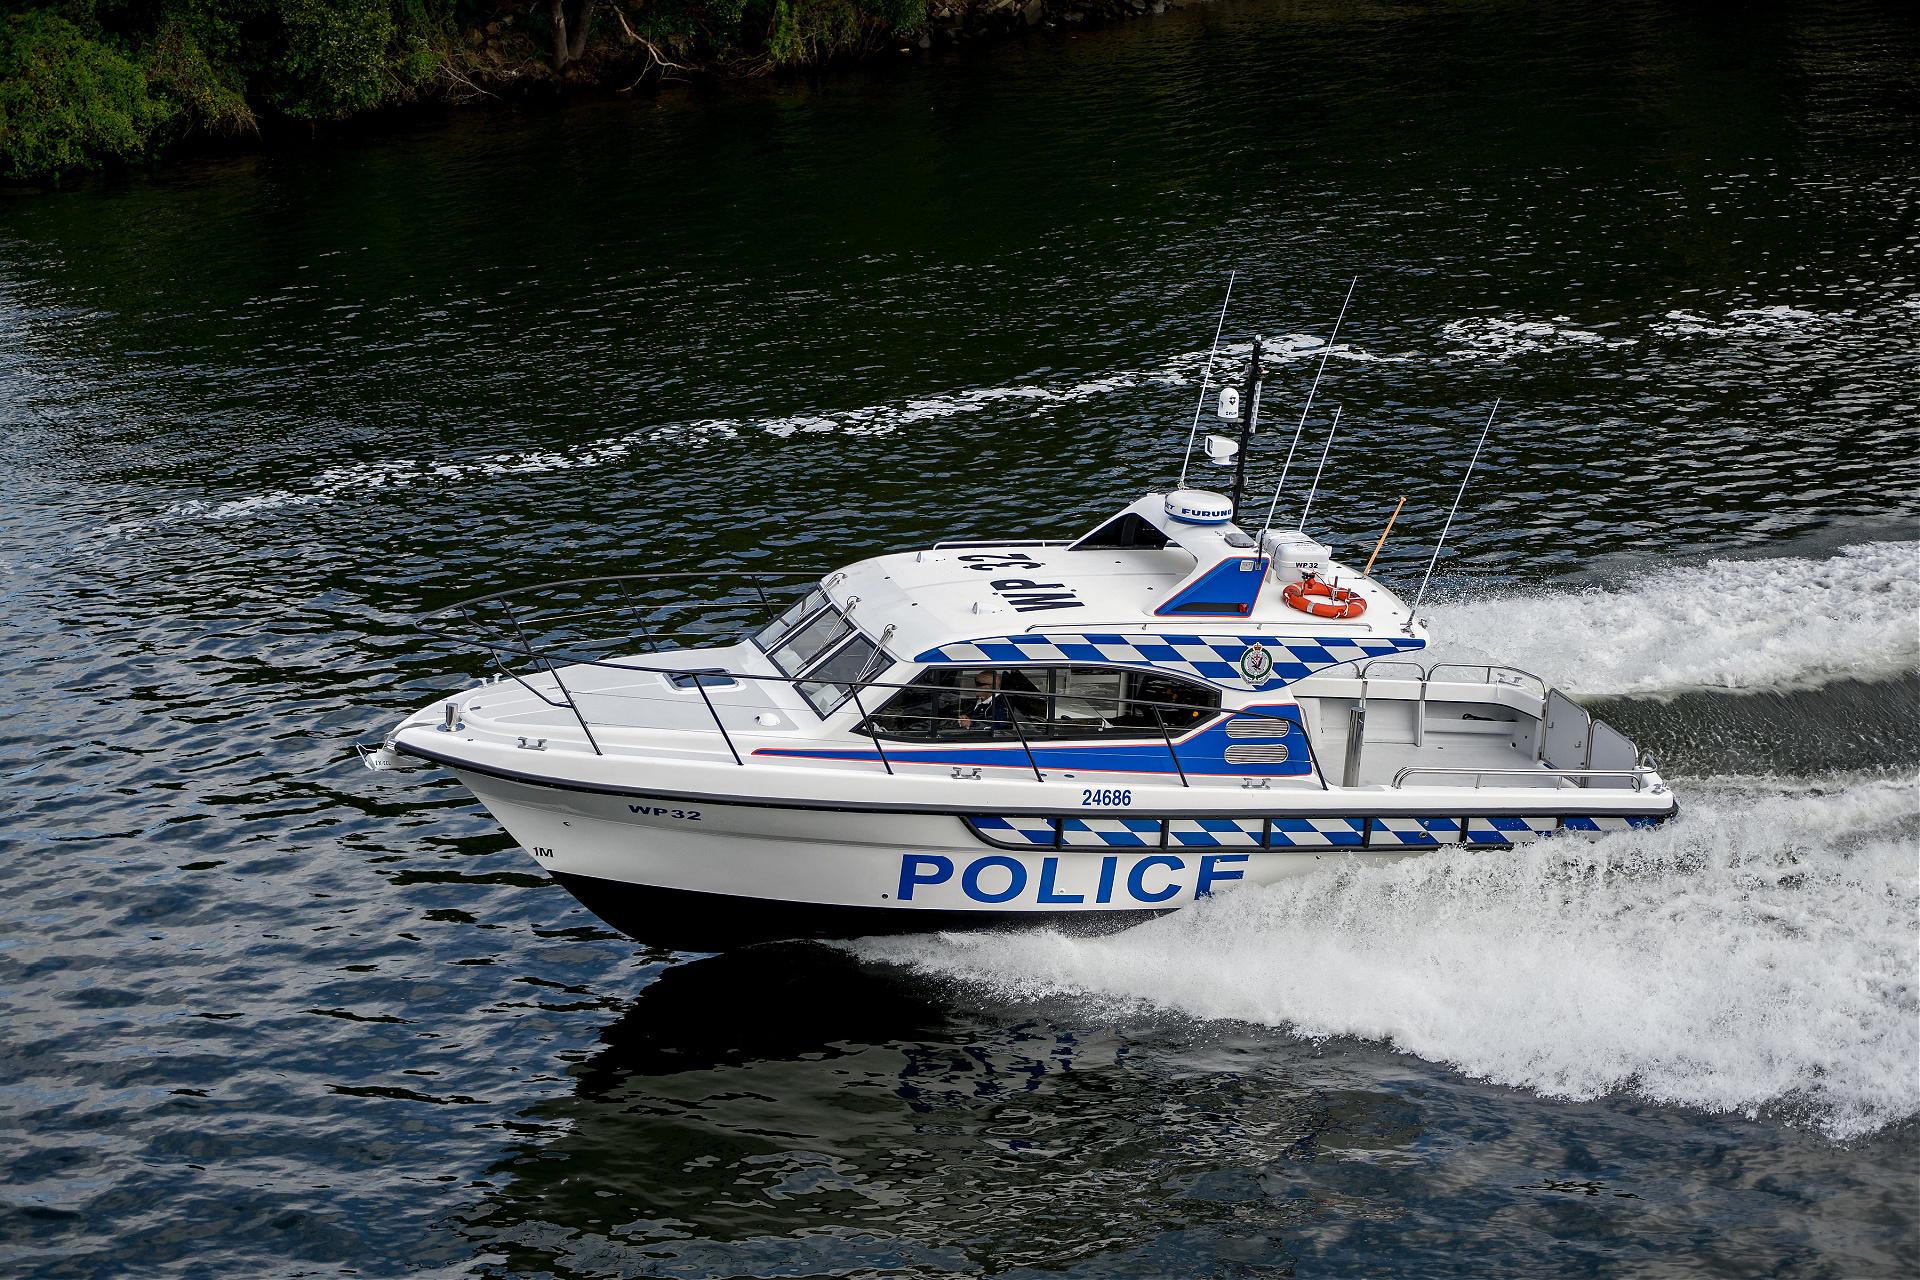 Steber 38ft Police SLR Vessel